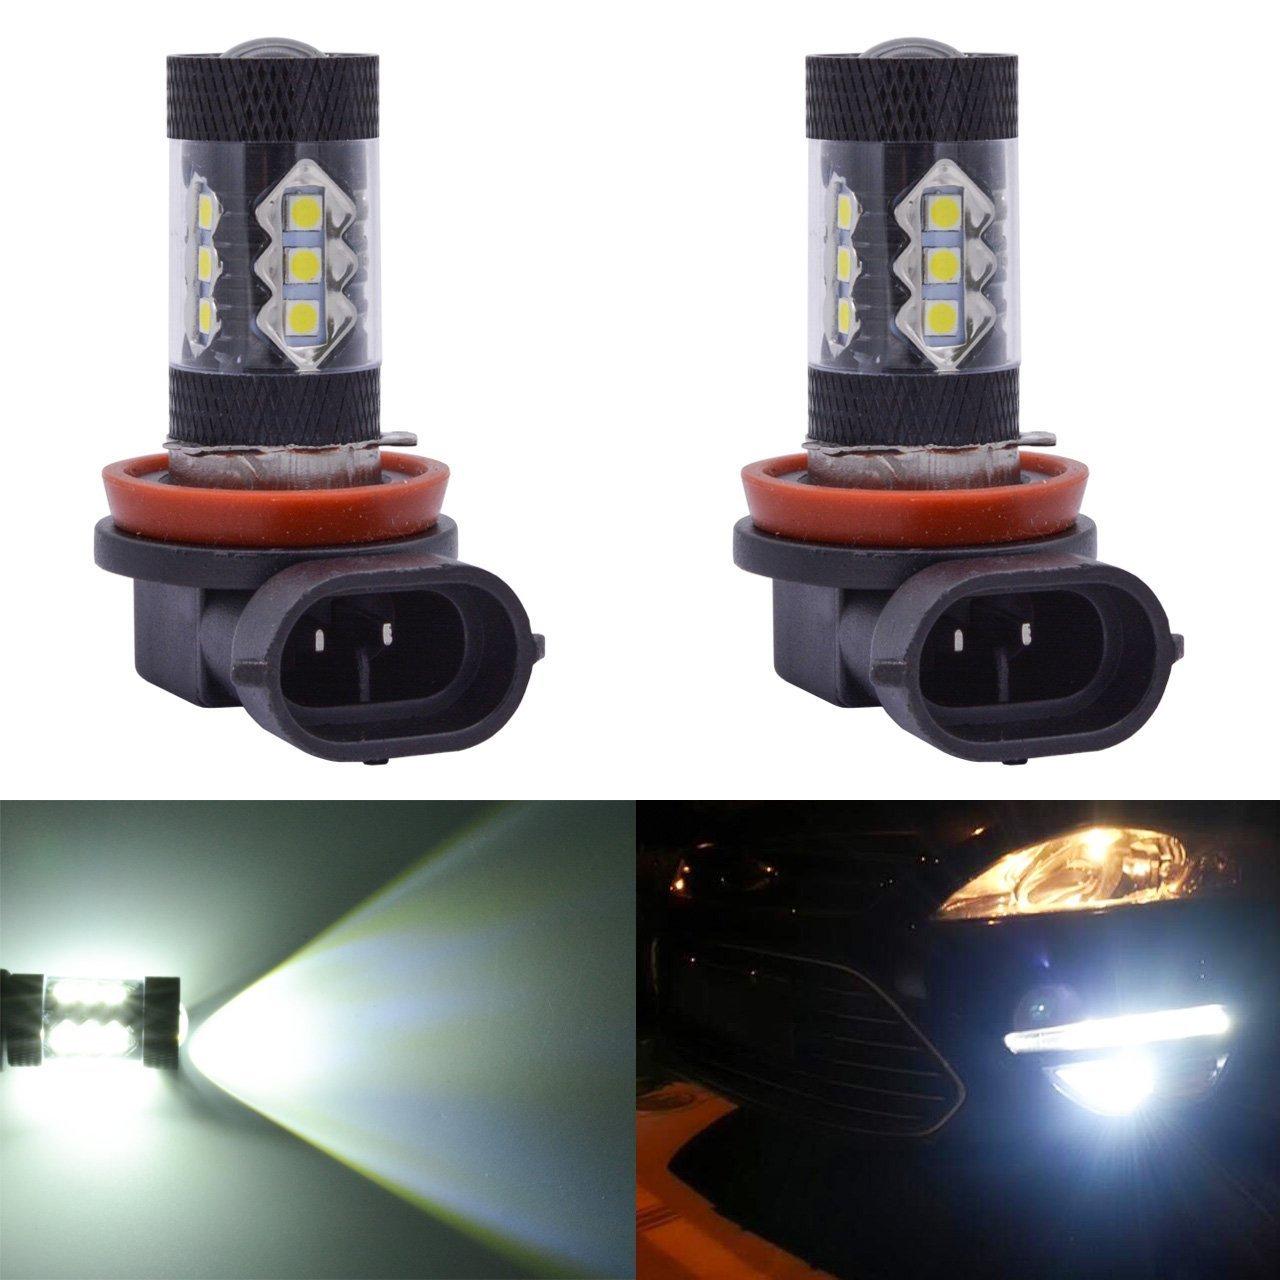 2 x H11 H8 LED Ampoule de Antibrouillard 80W 16 SMD 2828 LED Voiture Lampe de Brouillard 12V Auto Lampe Blanc AUTLY